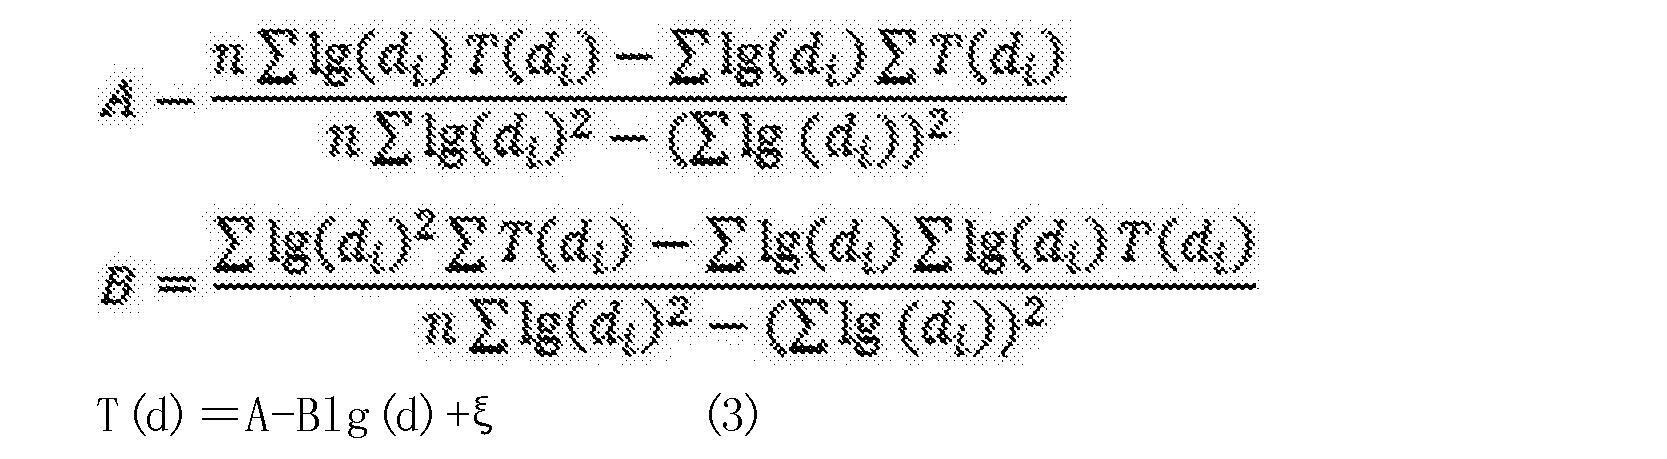 Figure CN107302752AC00033